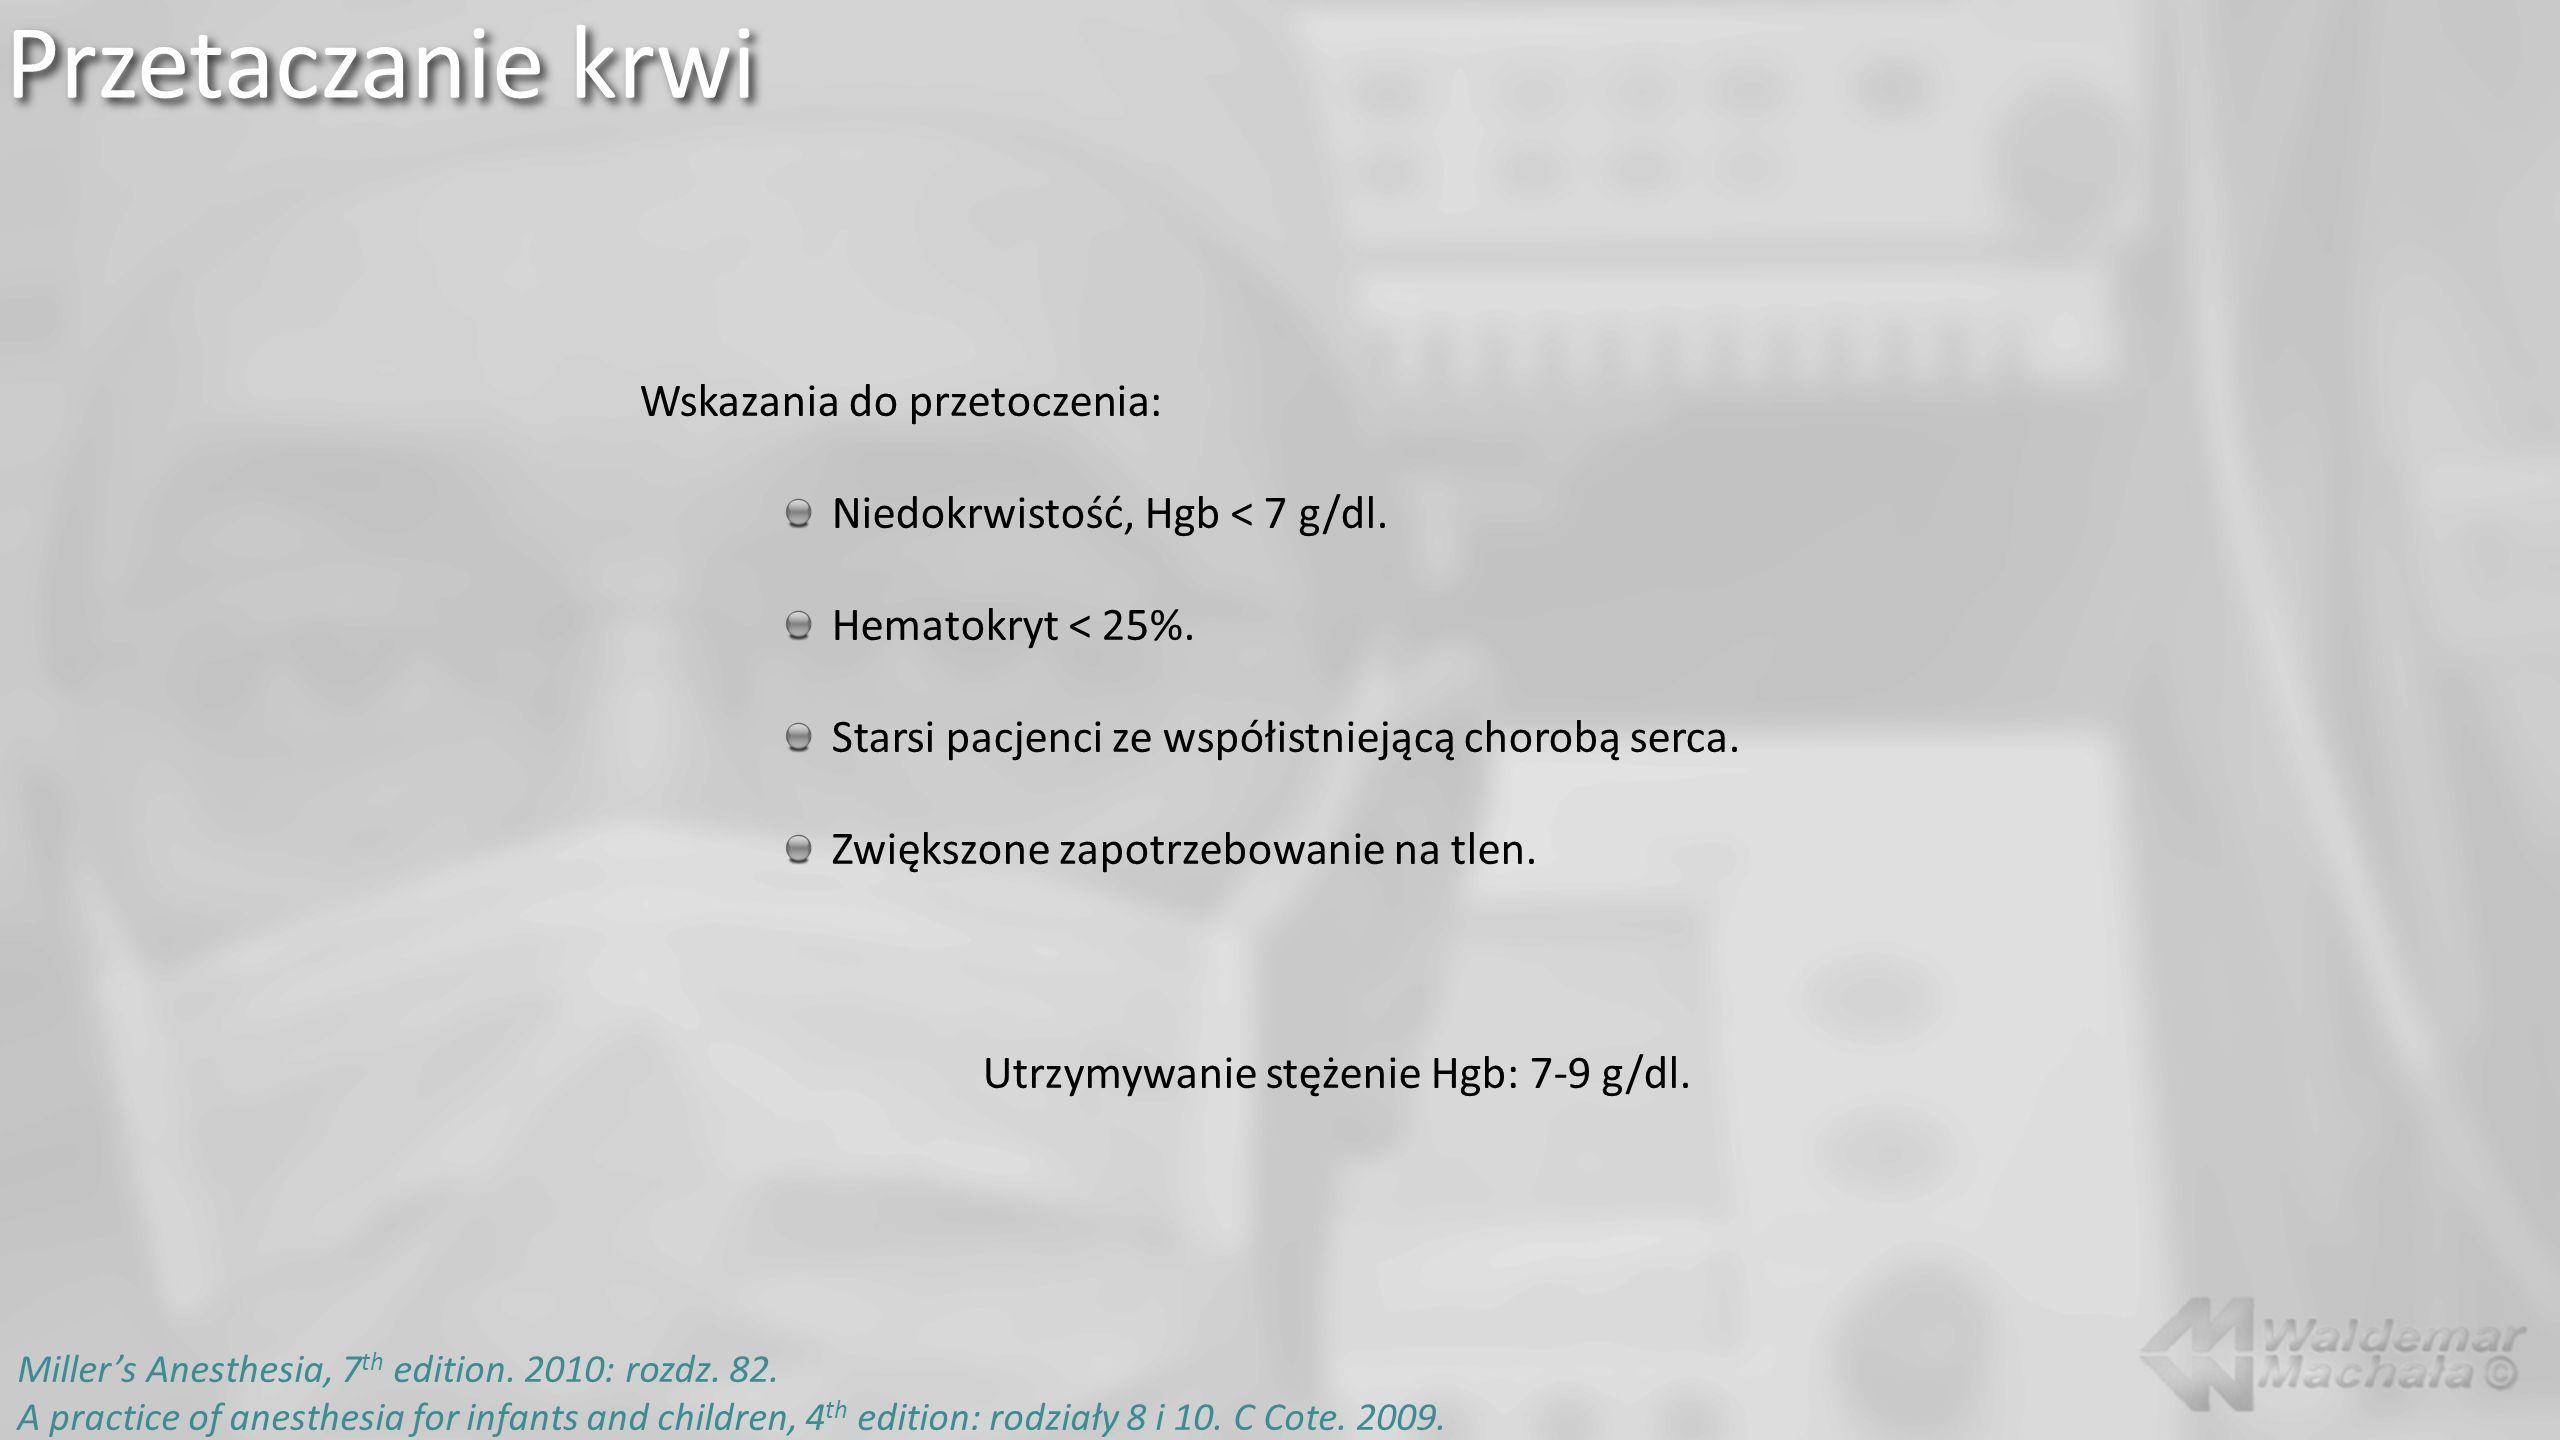 Przetaczanie krwi Millers Anesthesia, 7 th edition. 2010: rozdz. 82. A practice of anesthesia for infants and children, 4 th edition: rodziały 8 i 10.